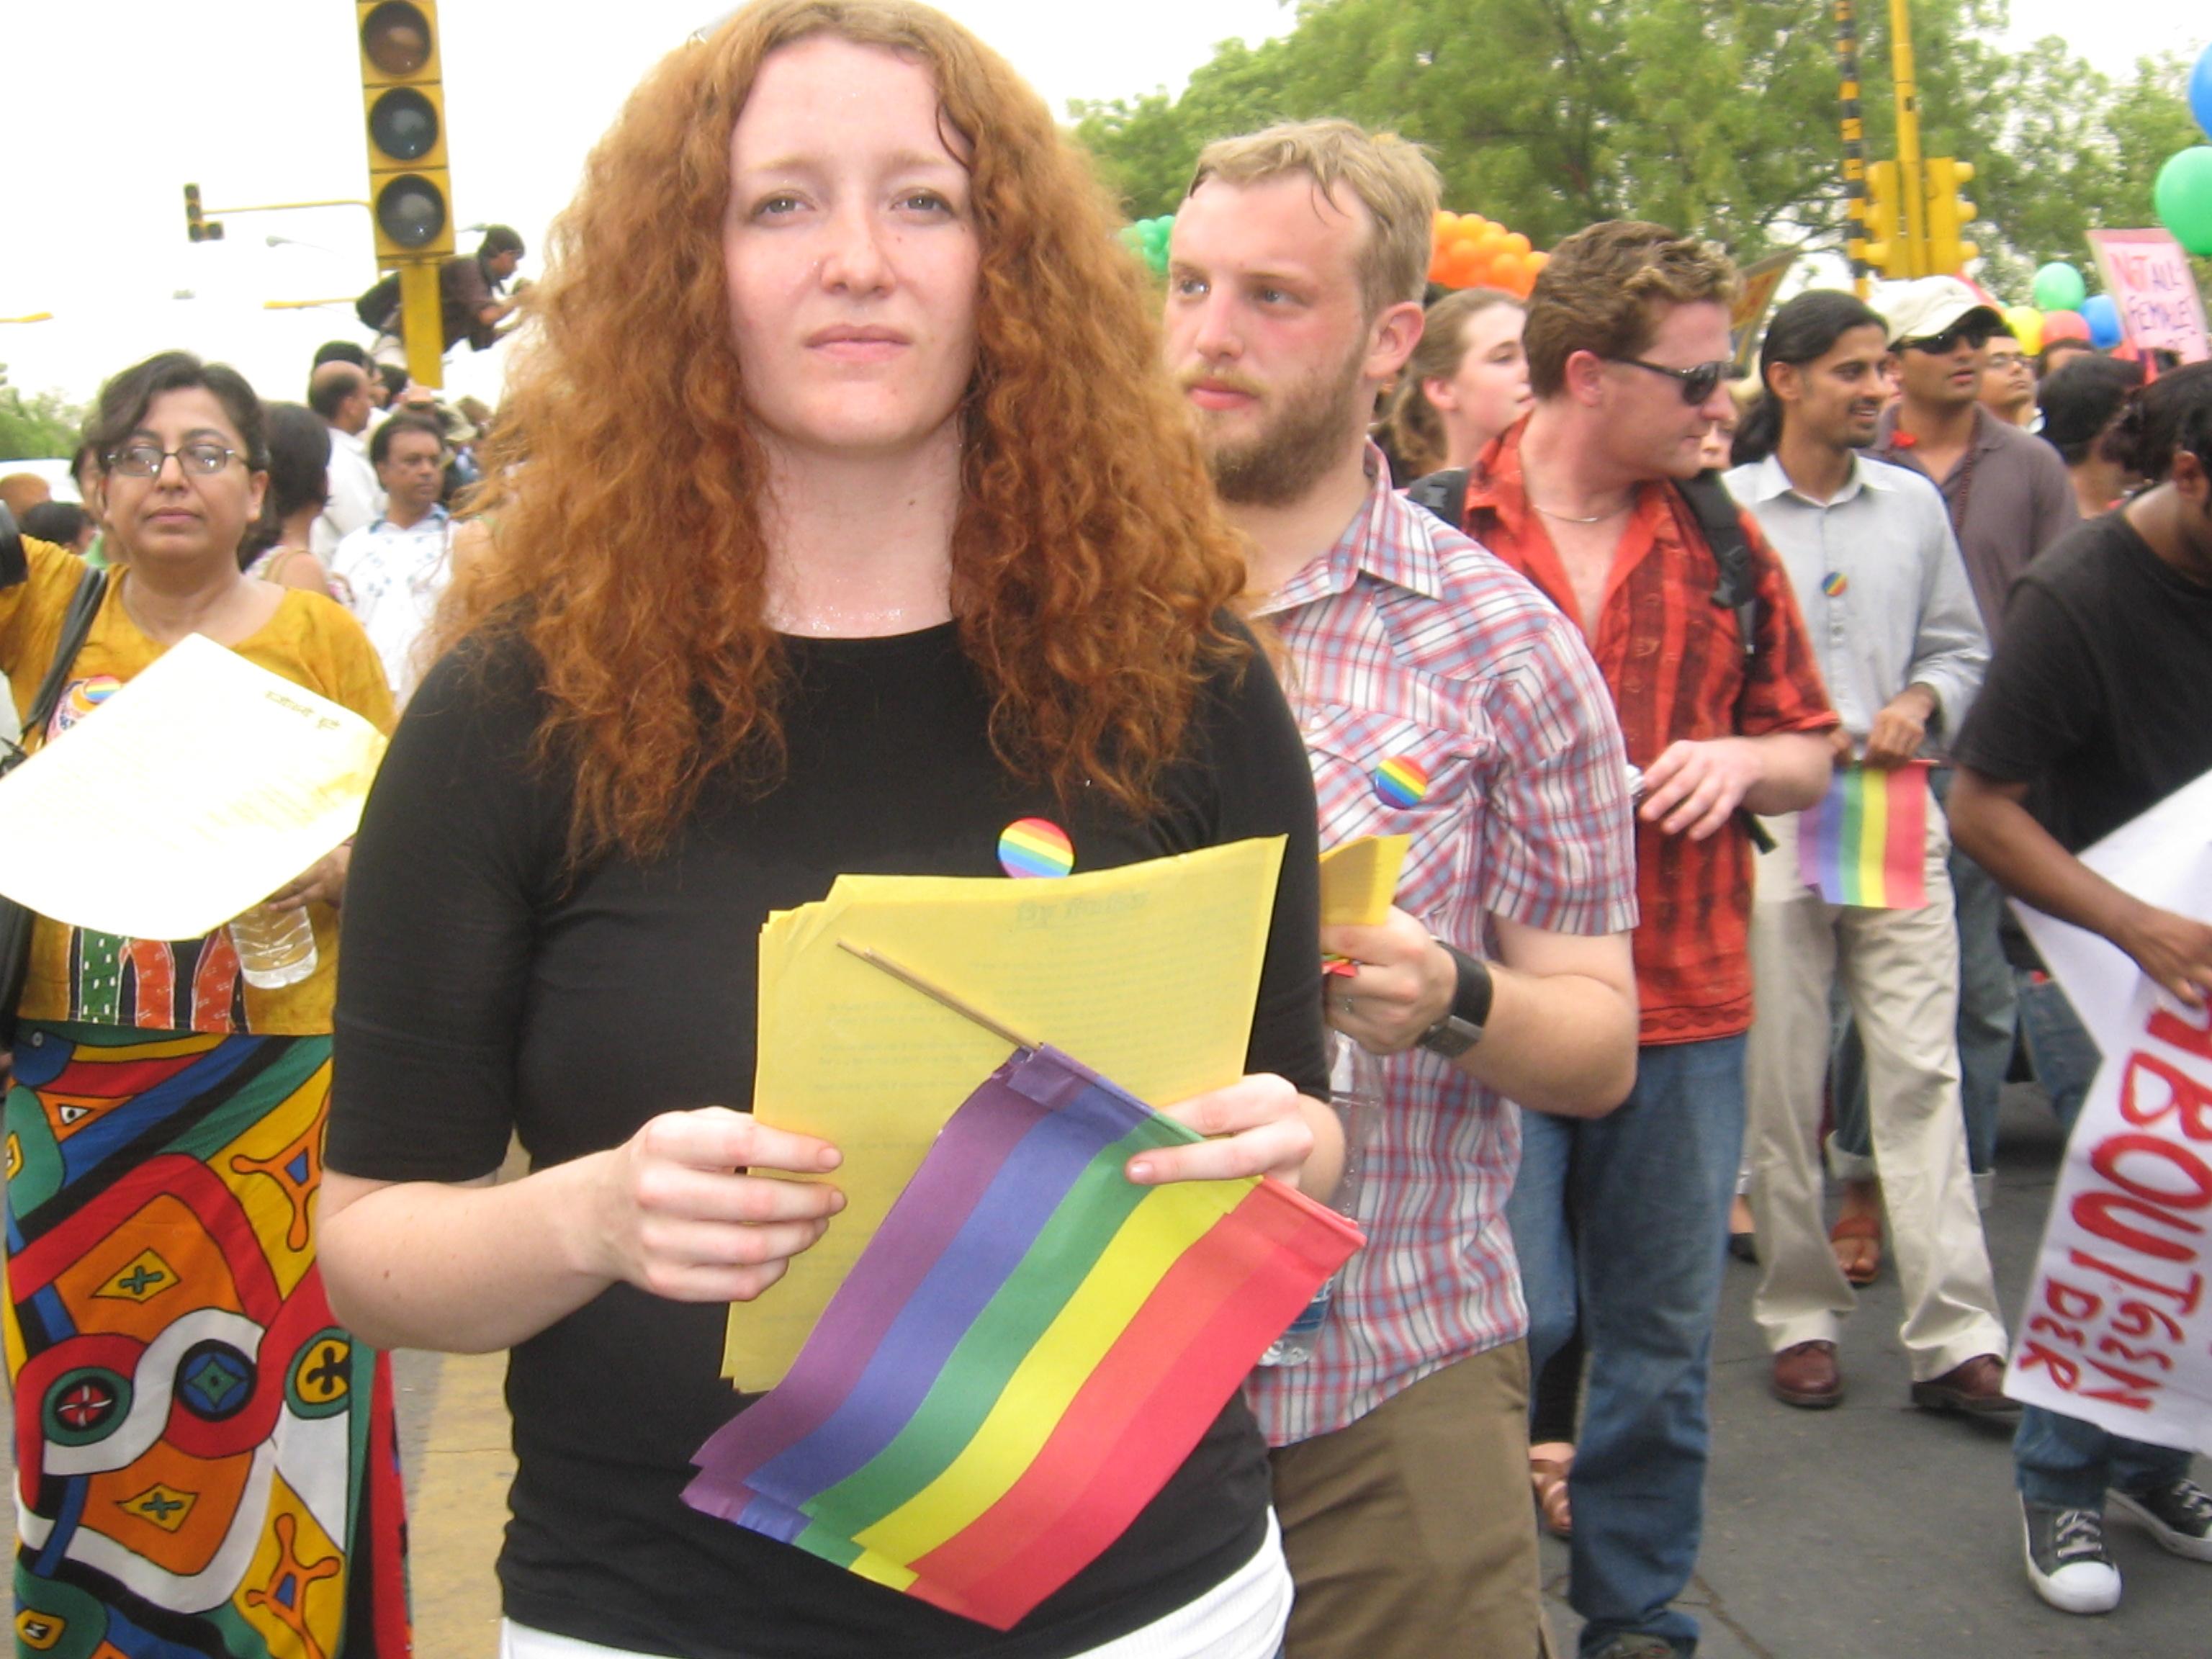 from Arturo gay pride 08